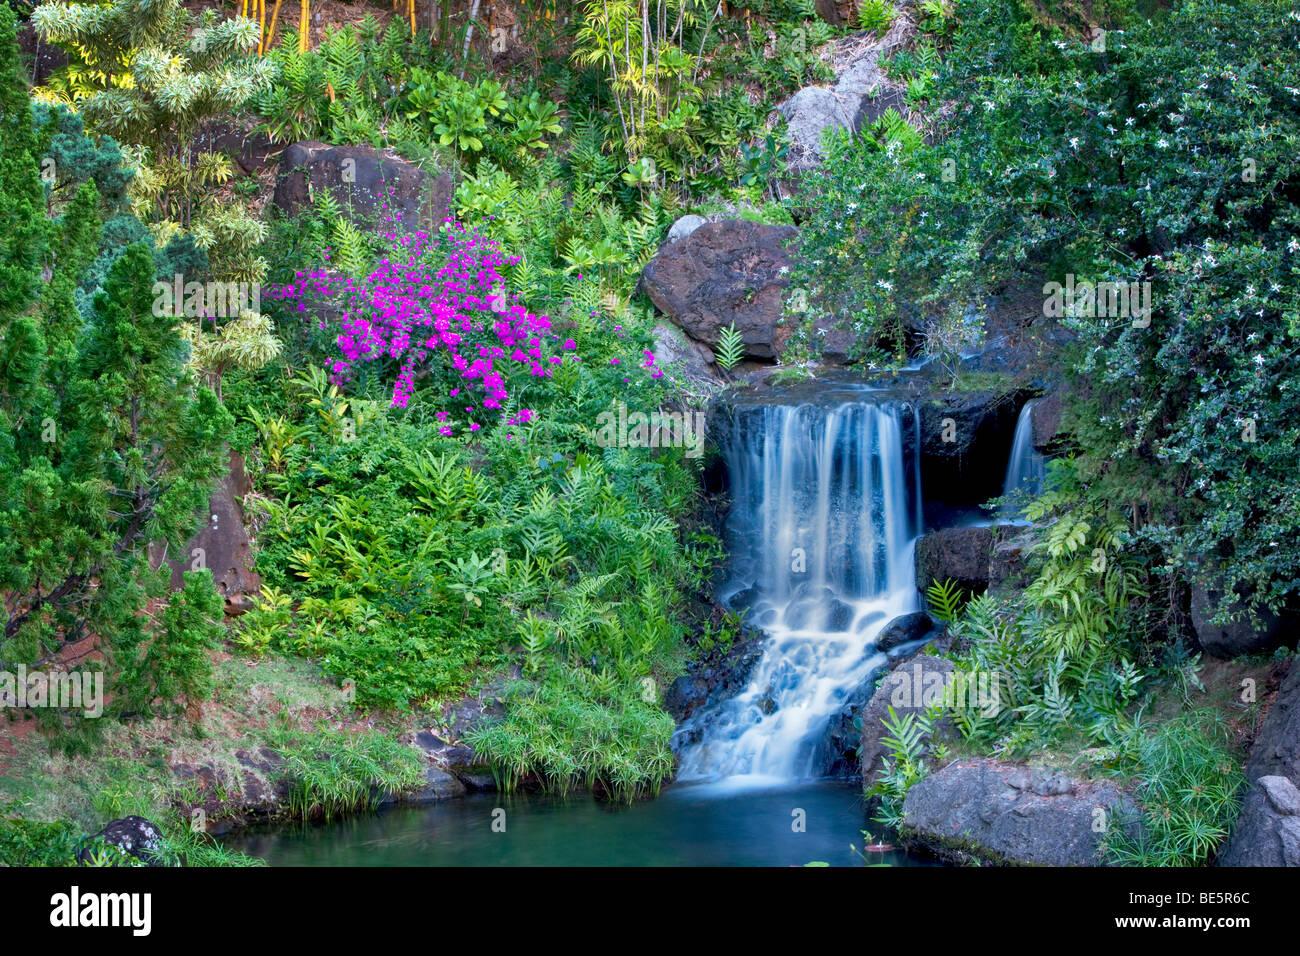 Waterfall At Na Aina Kai Botanical Gardens. Kauai, Hawaii